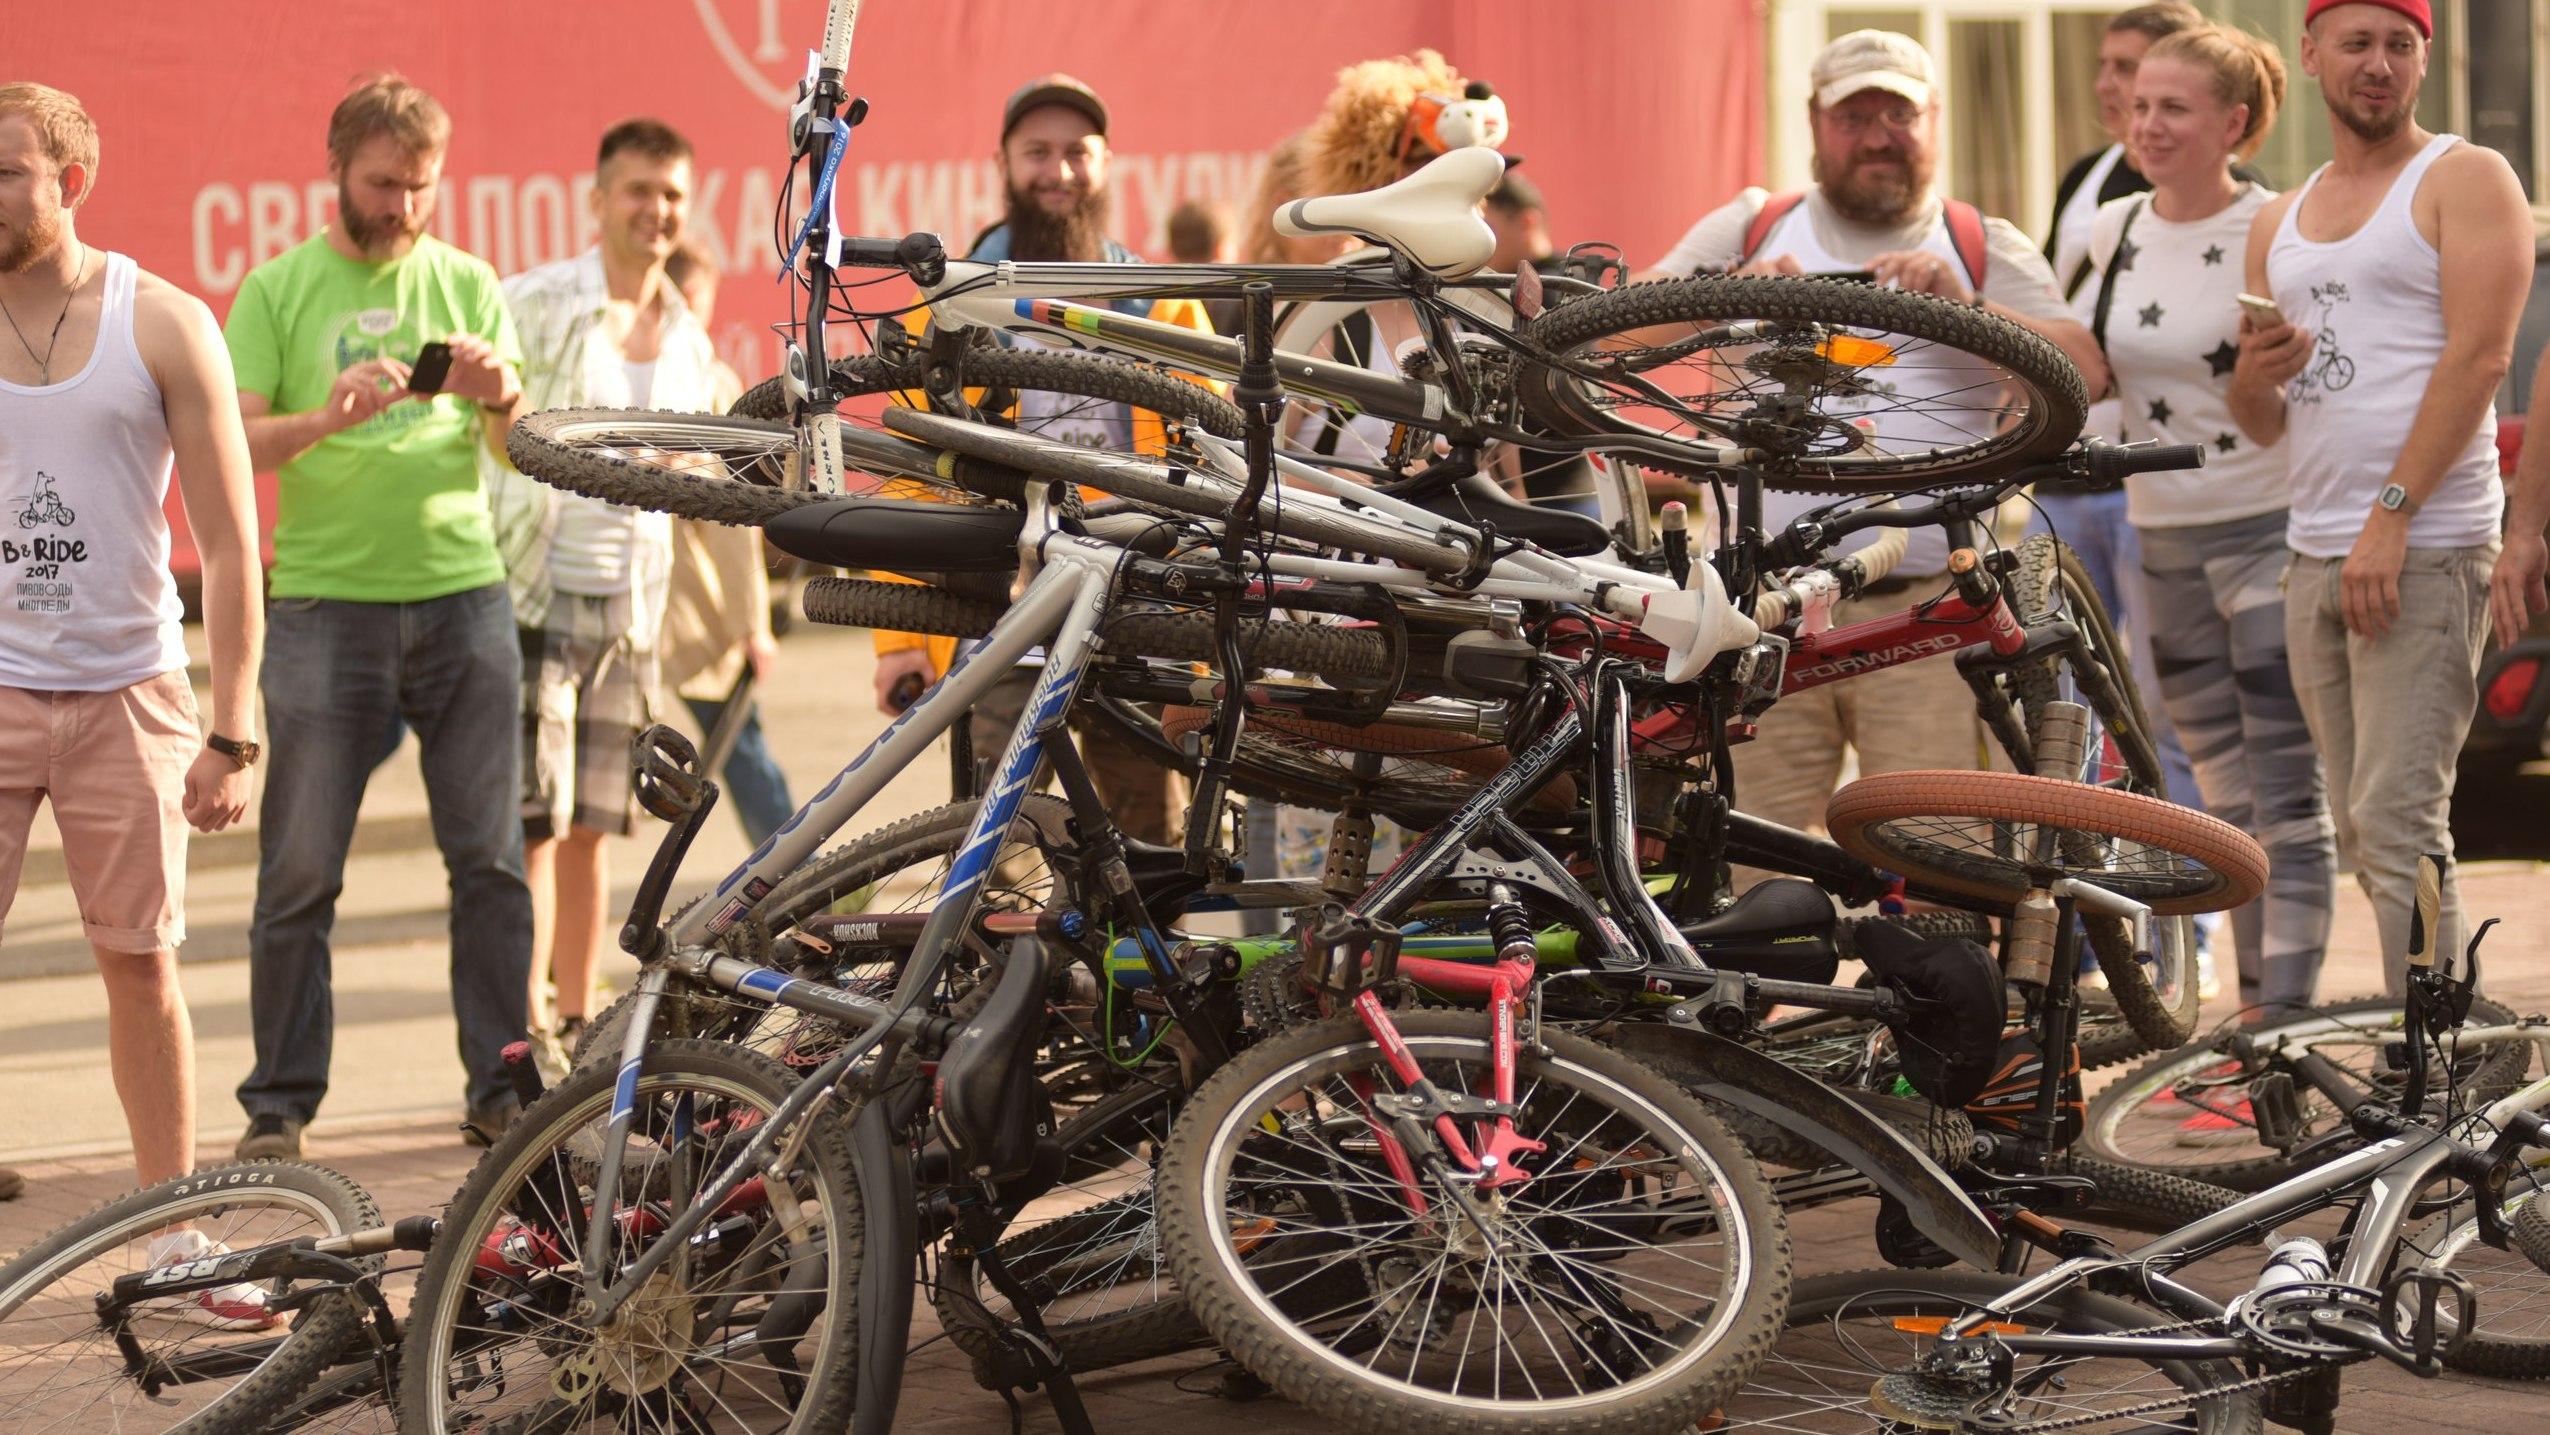 По барам Екатеринбурга в третий раз пройдет алко-вело-пробег. ГИБДД готова ловить нарушителей